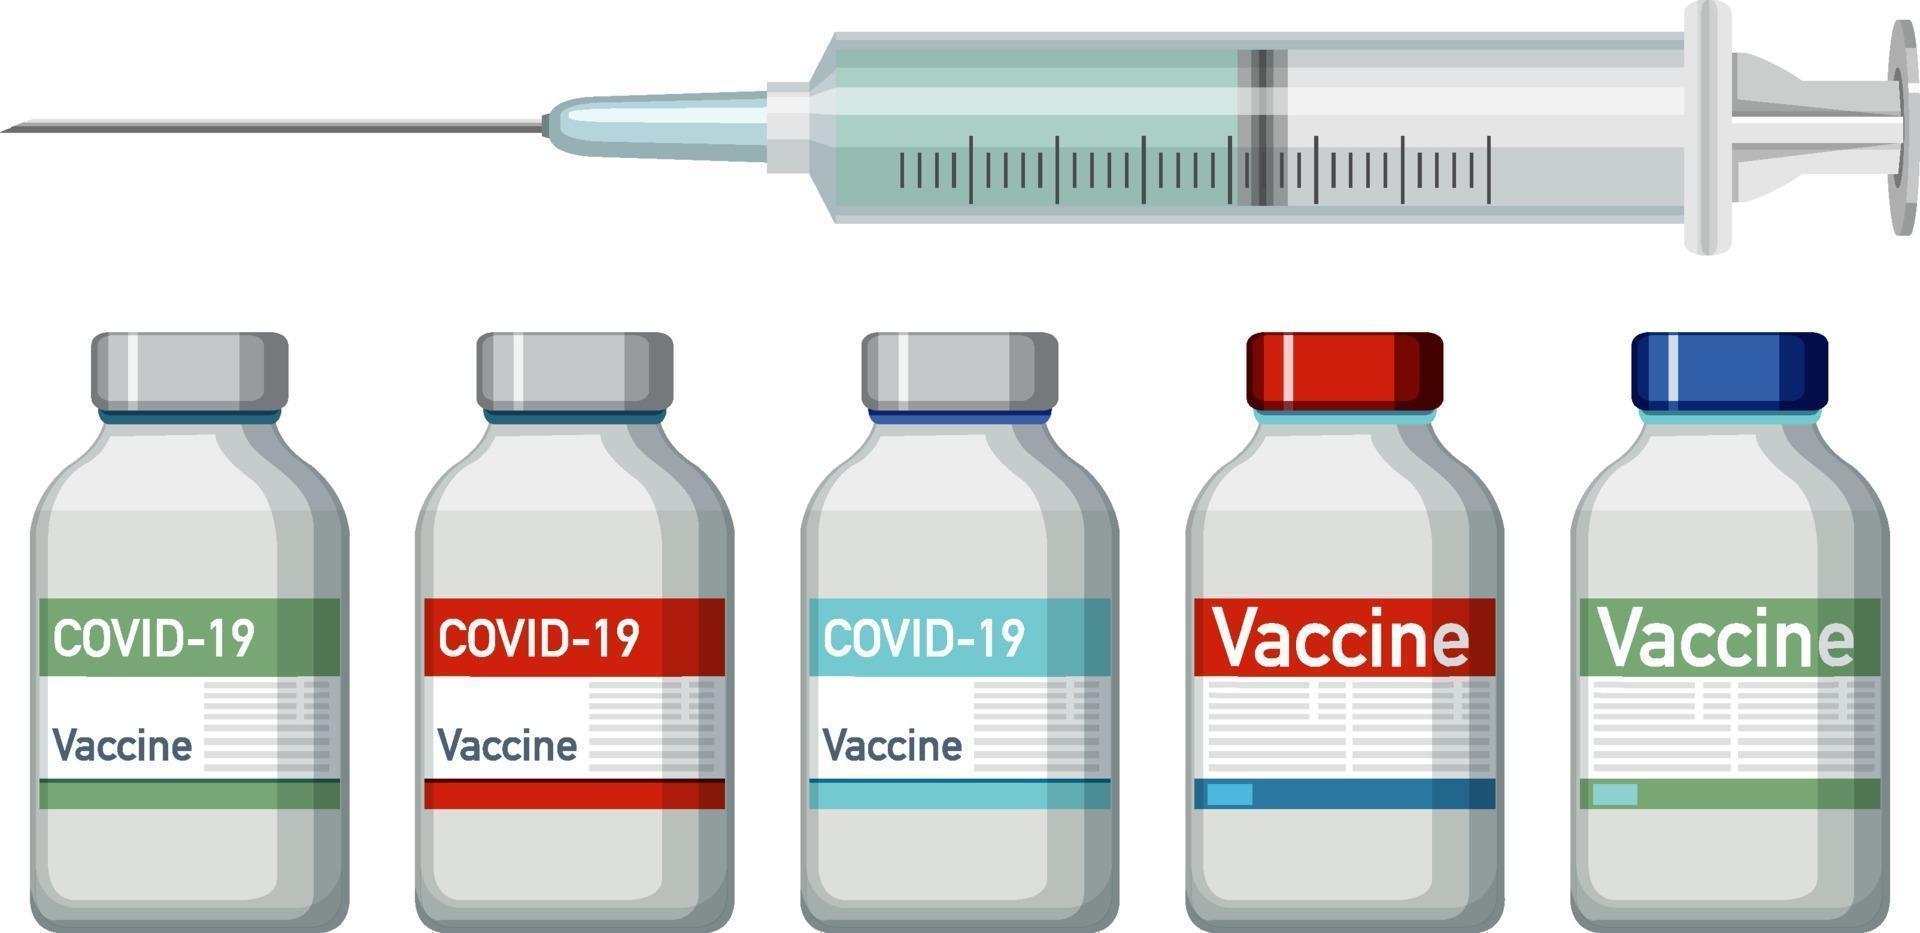 vaccinflaskor och spruta på vit bakgrund vektor